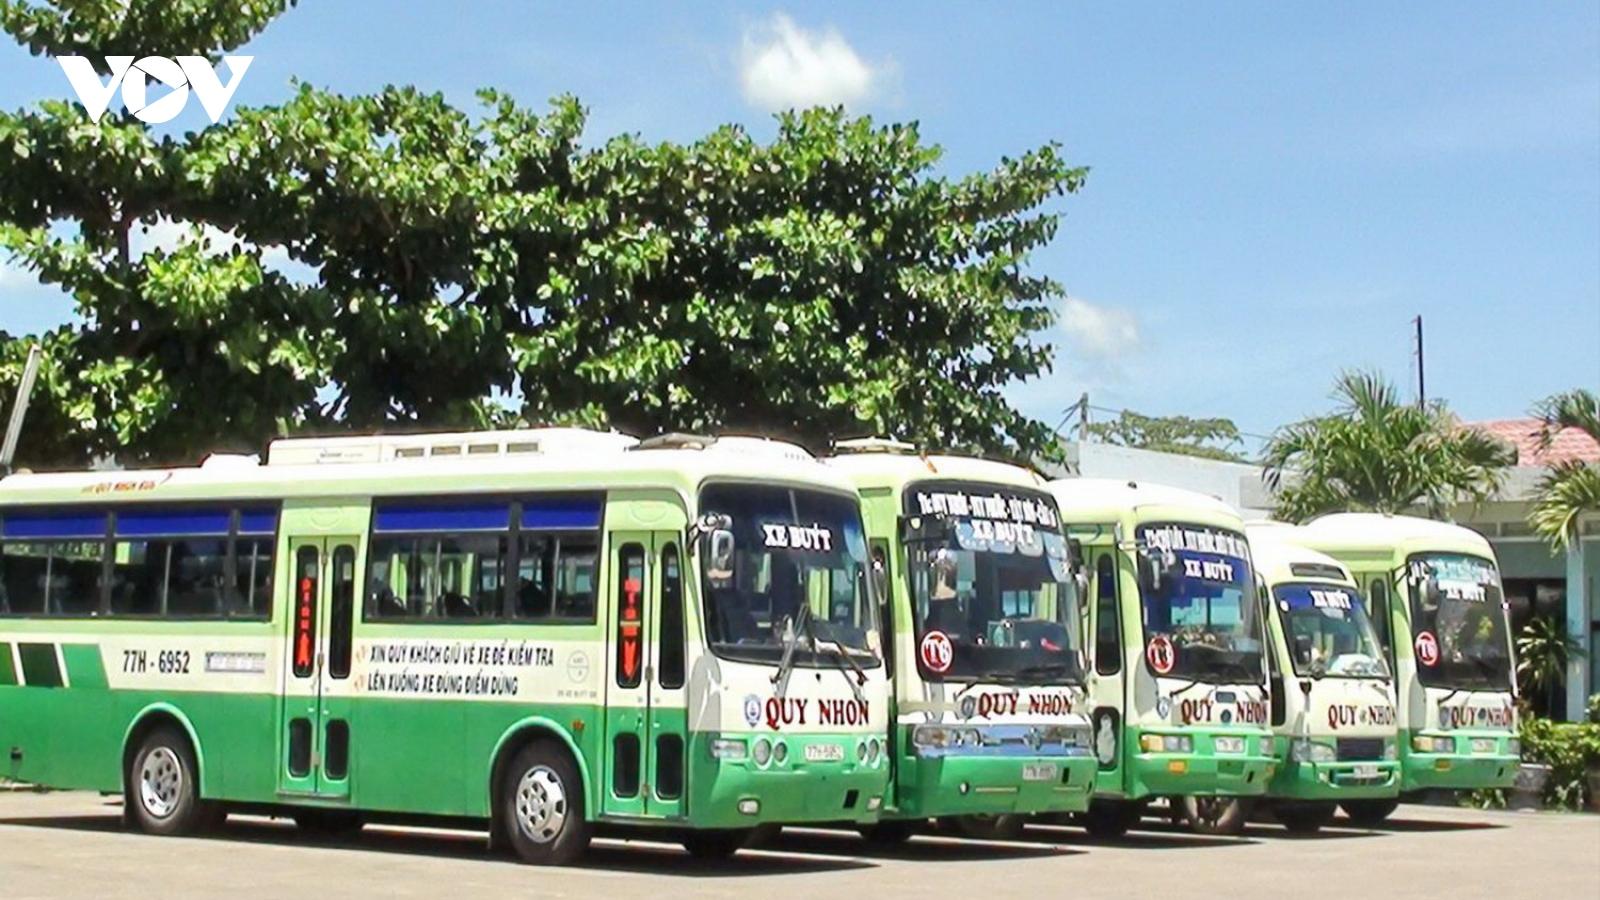 Bình Định tạm dừng hoạt động xe khách đi Phú Yên, Đà Nẵng